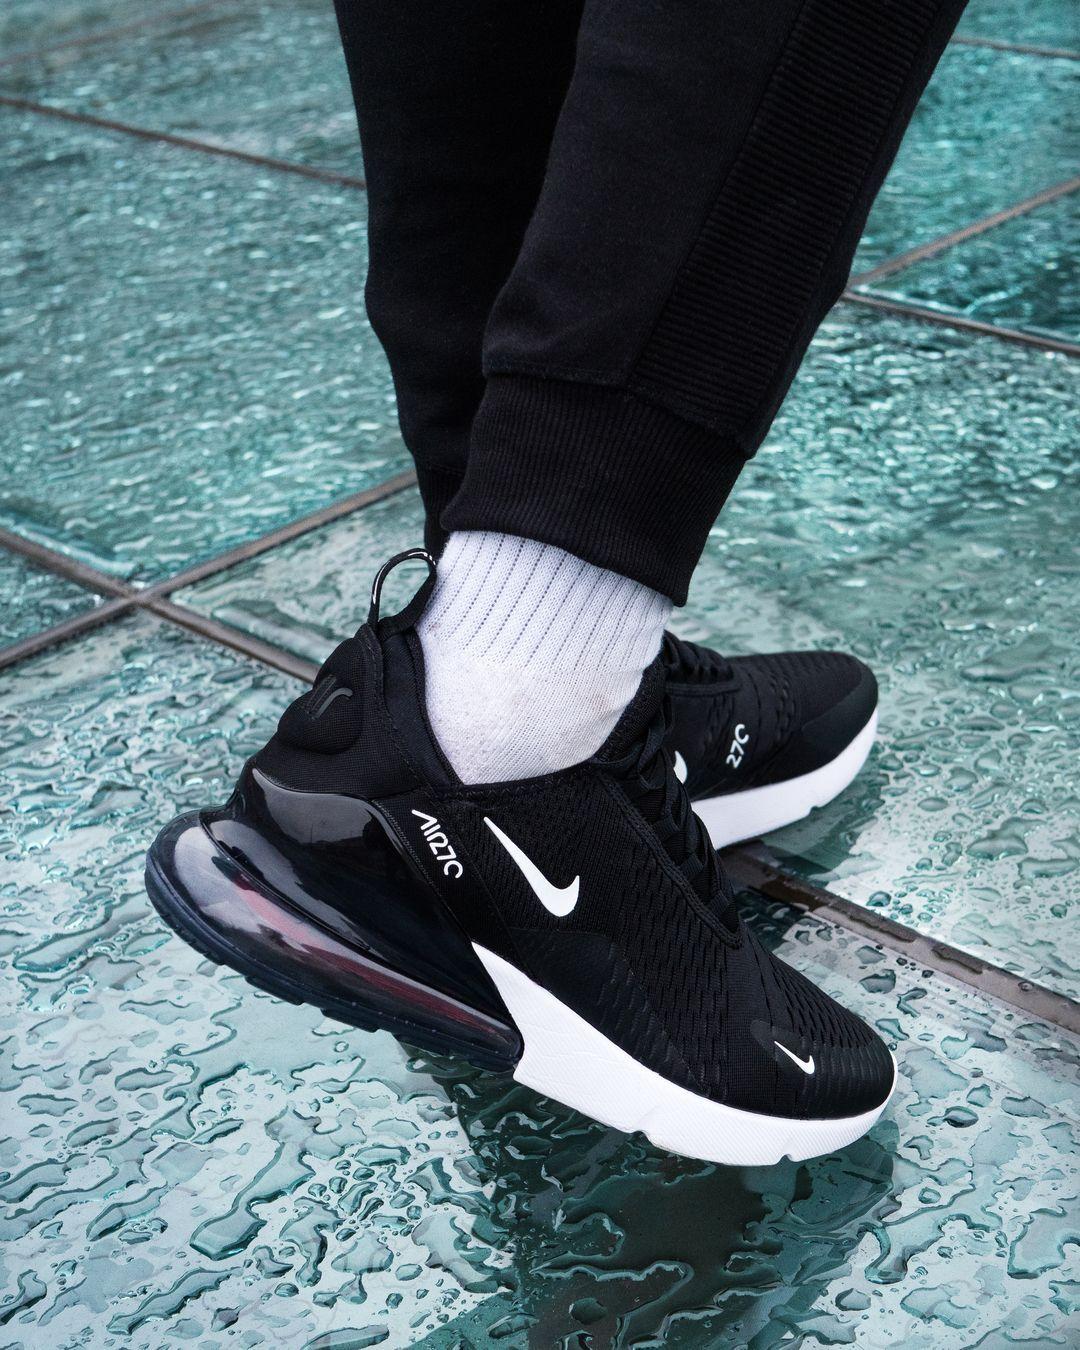 Nike Air Max 270 Black And Anthracite White Nike Schuhe Manner Nike Schuhe Nike